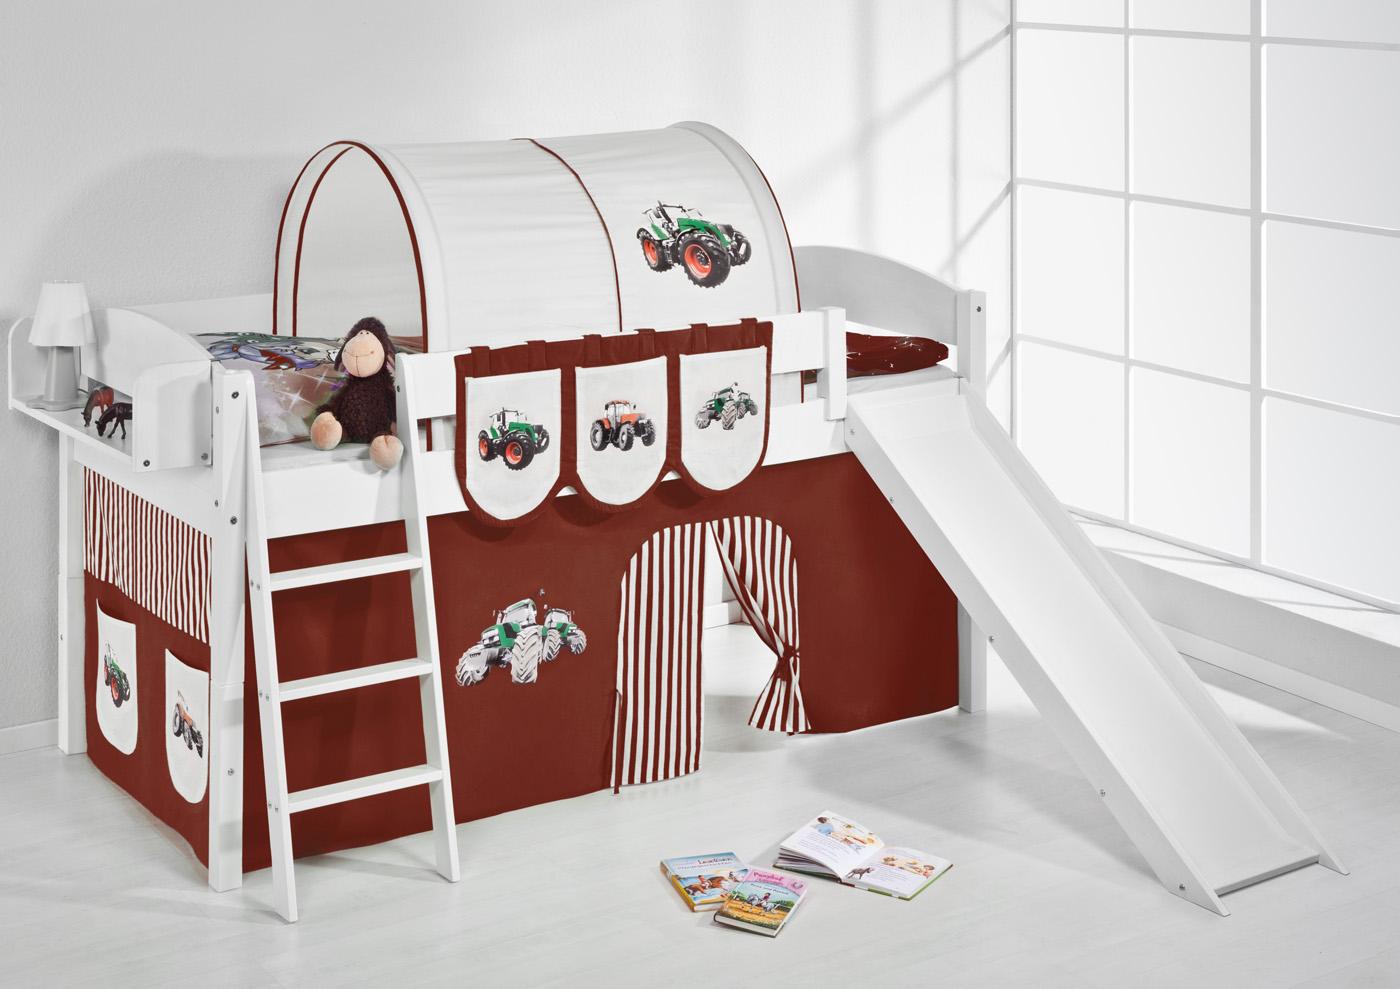 Letto a castello con scivolo design casa creativa e - Letto castello scivolo ...